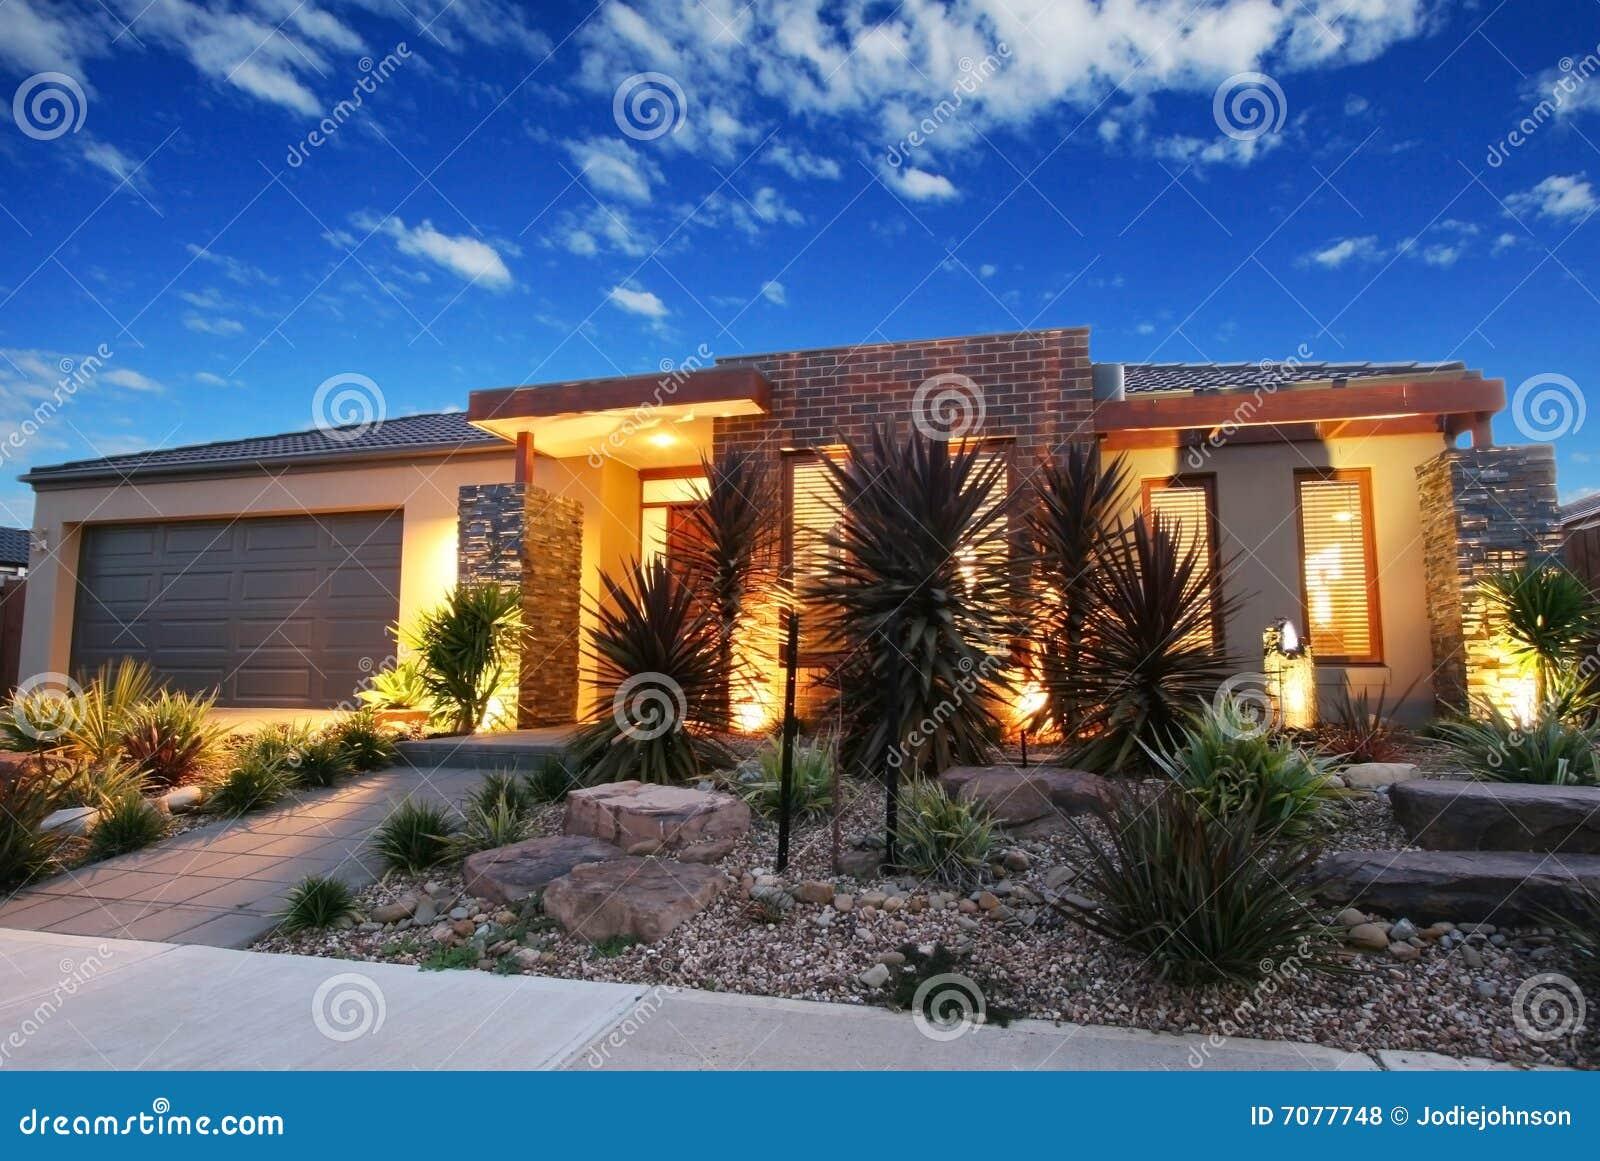 Eigentijds australisch huis royalty vrije stock foto 39 s beeld 7077748 - Beeld van eigentijds huis ...